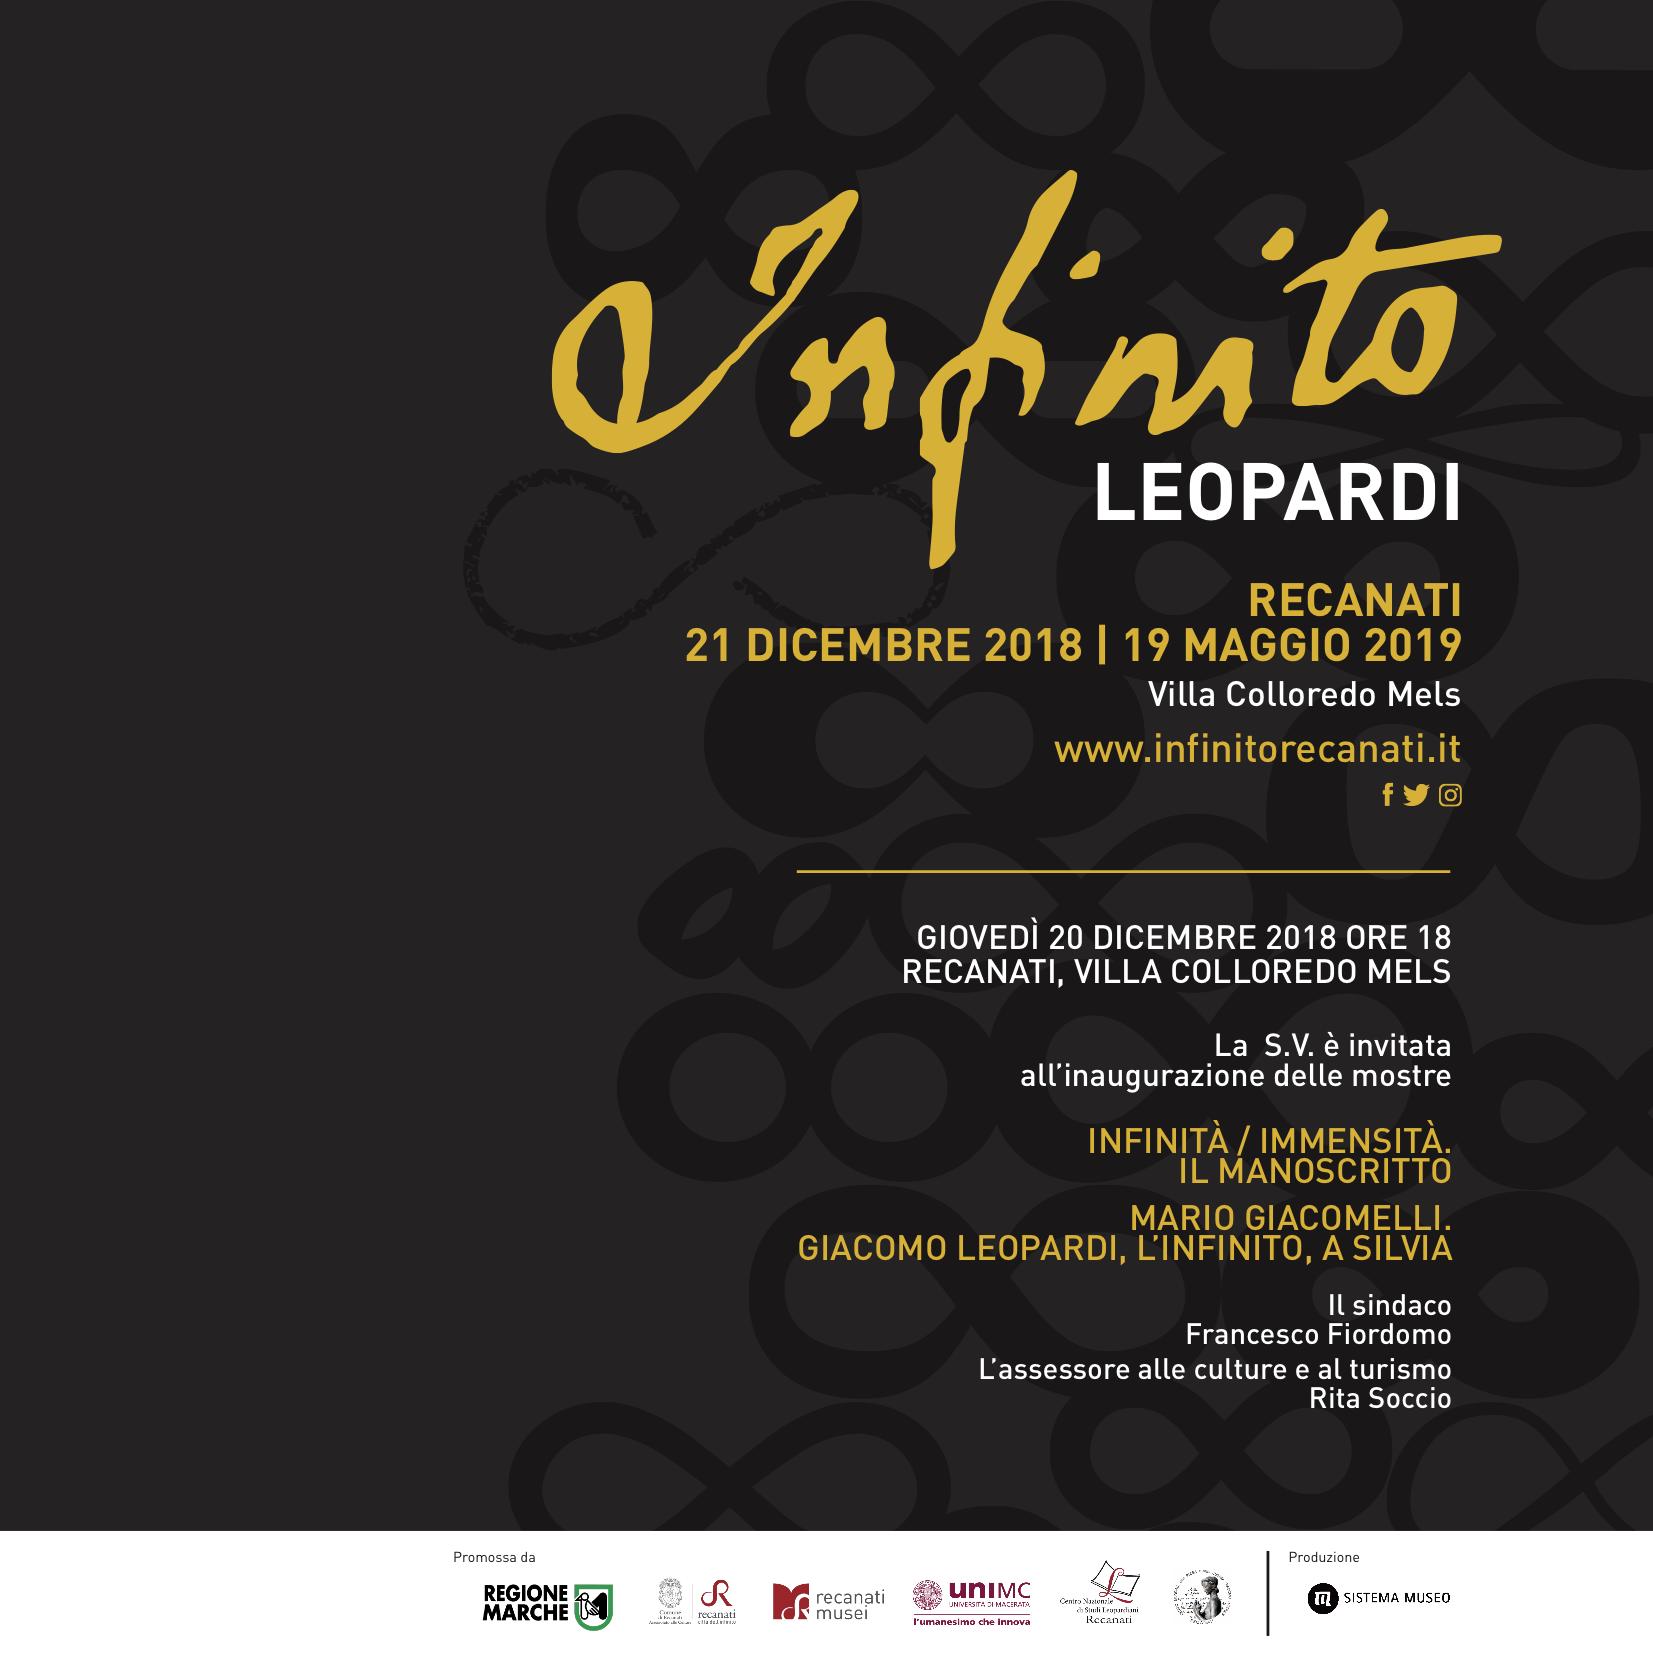 &quote;Infinito Leopardi&quote;, giovedì l'inaugurazione